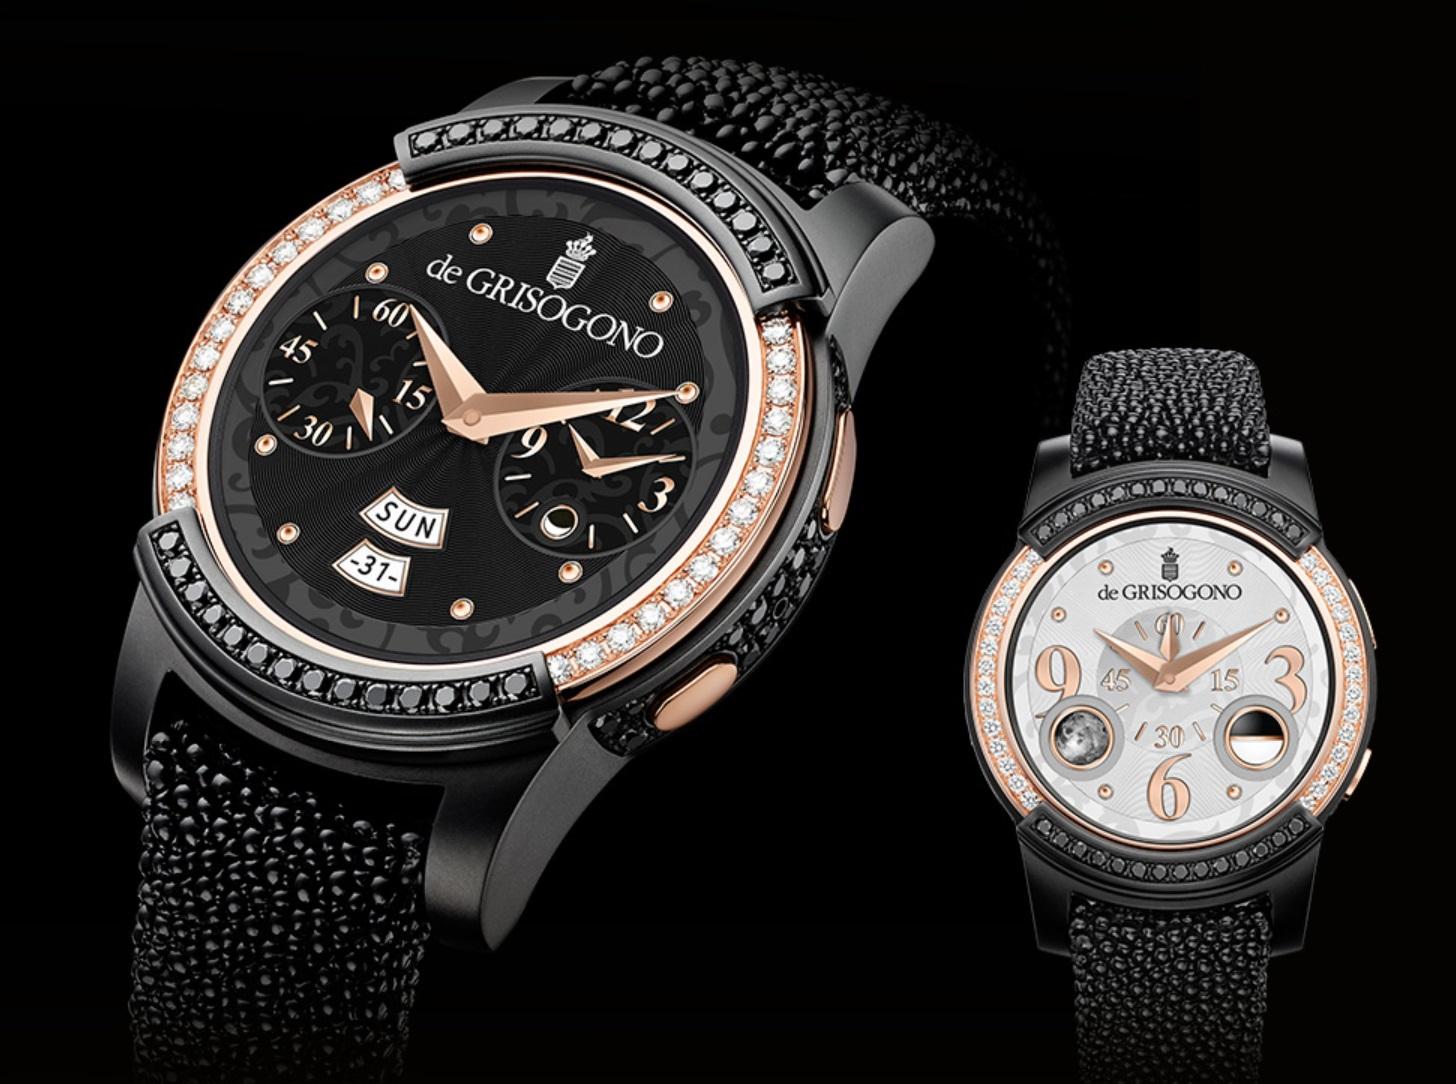 Gear S2 de Grisogono smartwatch